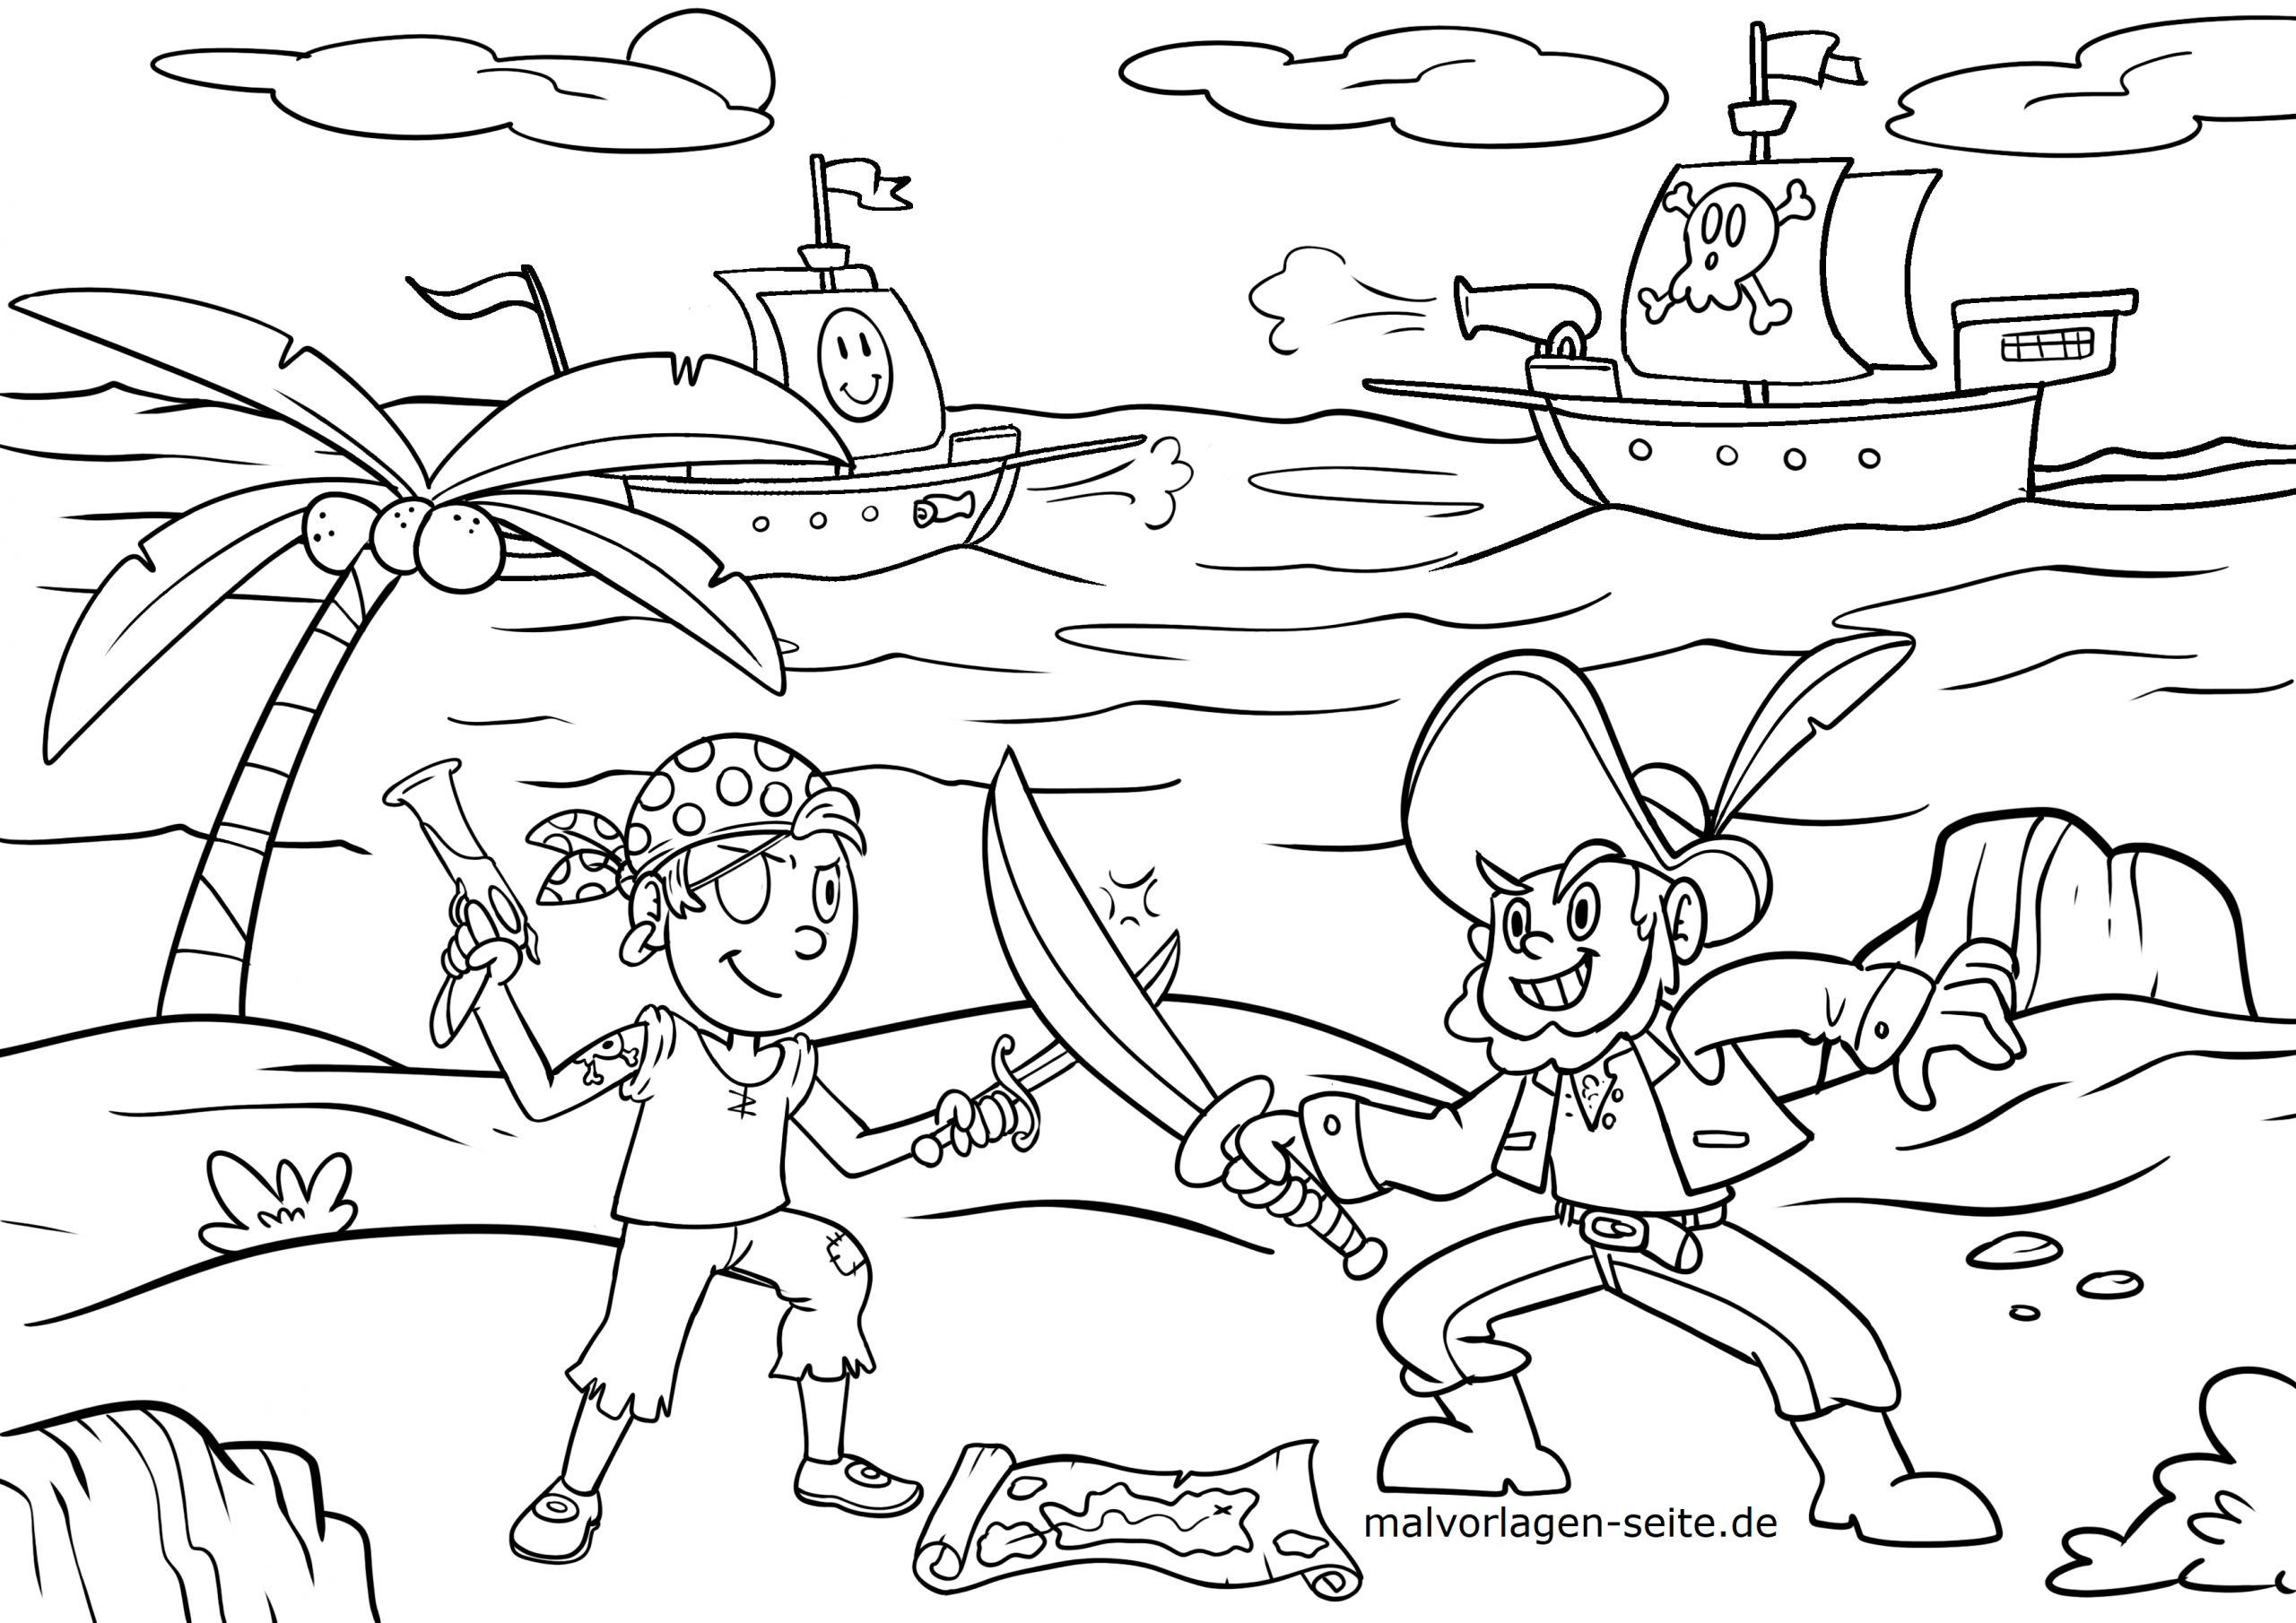 Malvorlage Piraten / Pirat - Ausmalbilder Kostenlos in Pirat Malvorlage